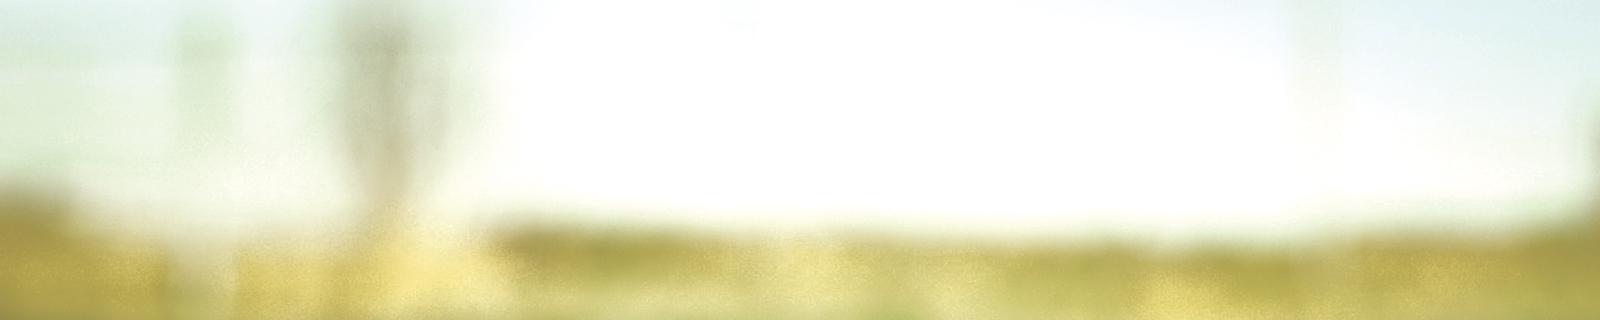 -20% sul secondo capo meno caro saldi collezione autunno inverno 2018 e primavera estate 2019